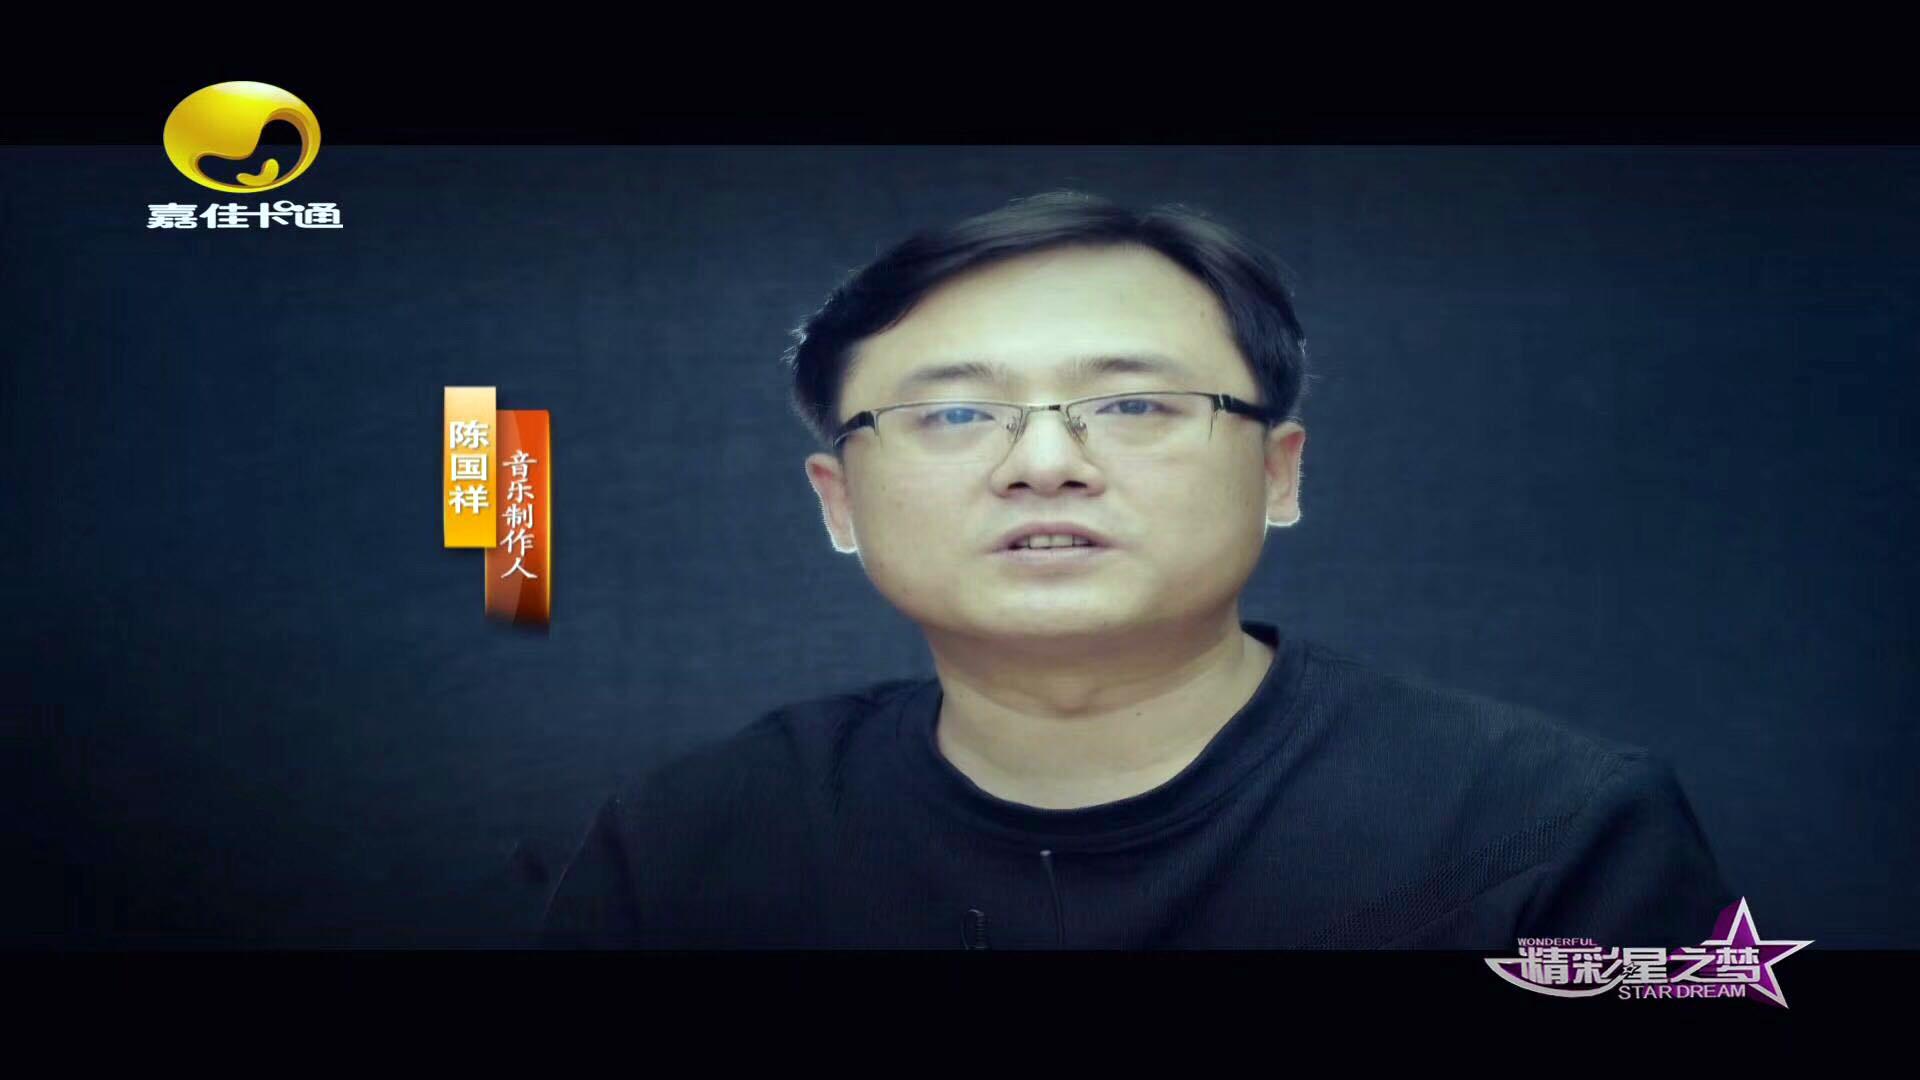 嘉佳卡通直播高清 嘉佳卡通卫视直播 高清 广东广播电视嘉佳卡通频道图片